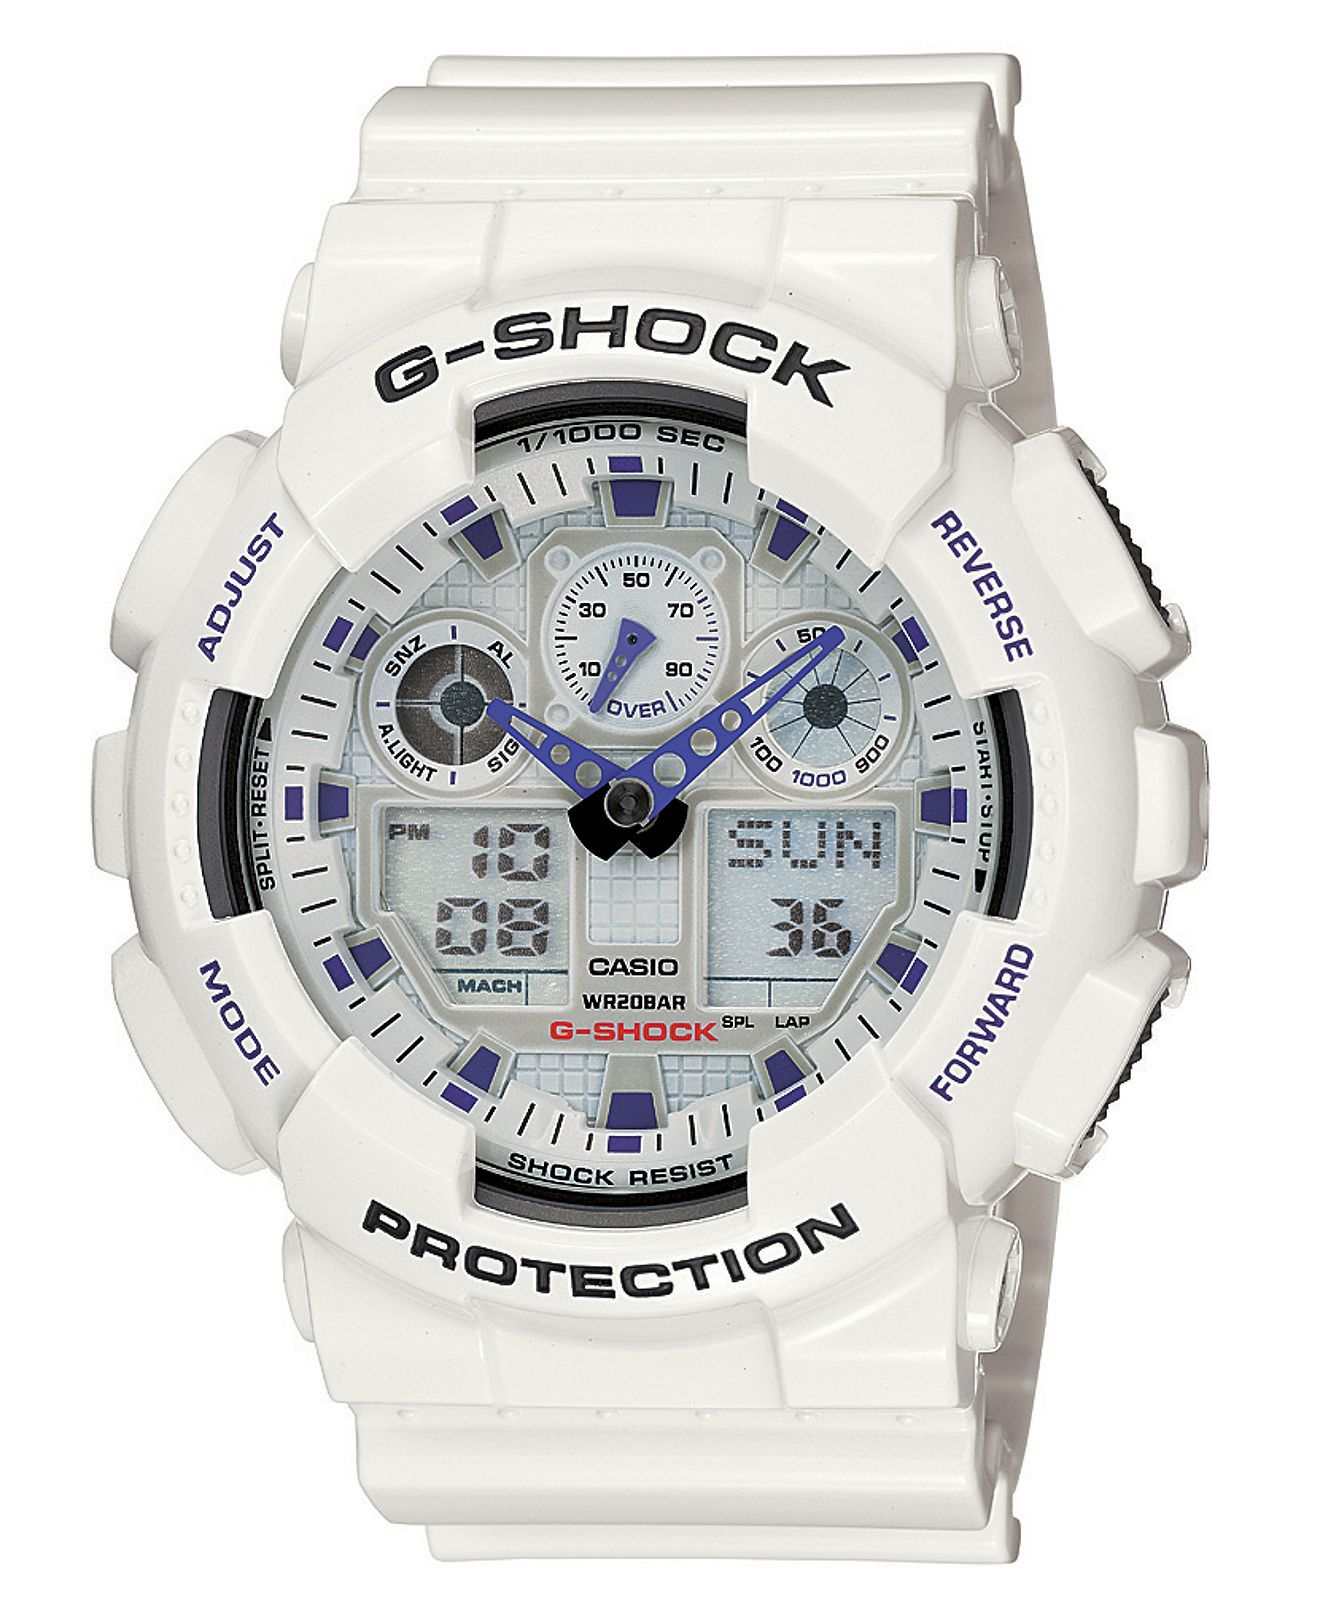 9d83a94f8 G-Shock Watch